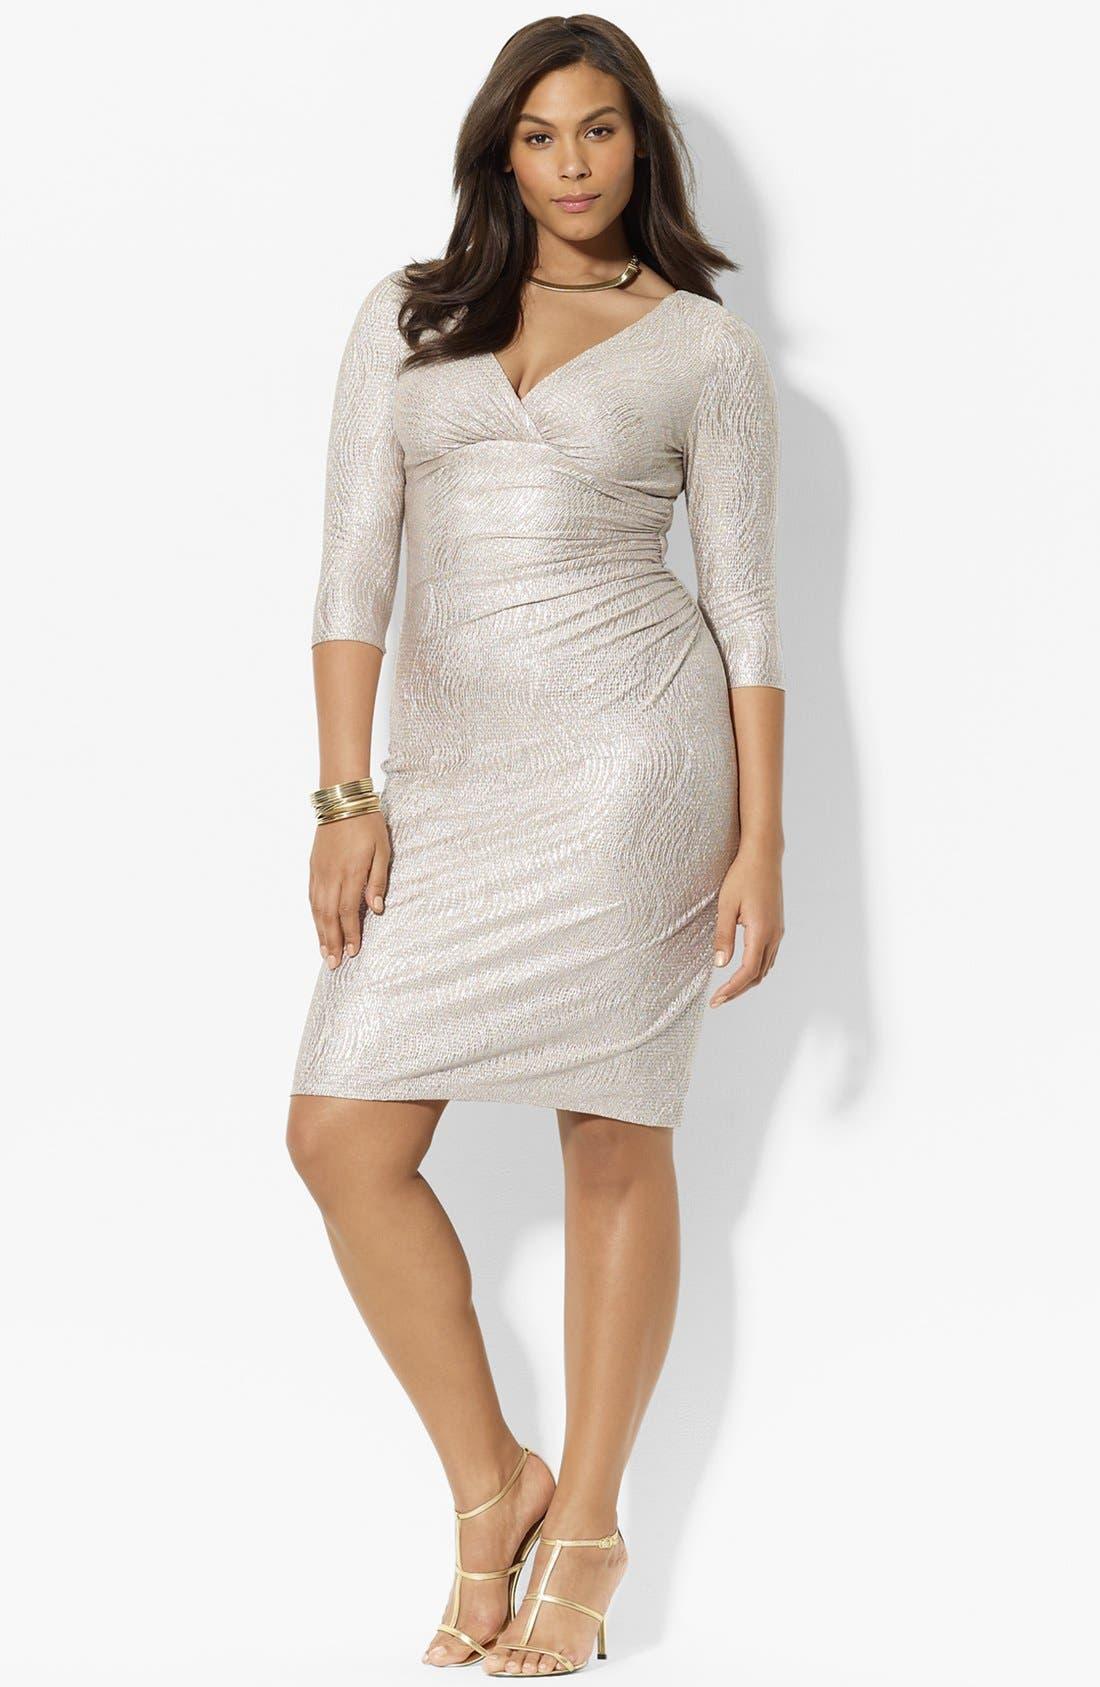 Alternate Image 1 Selected - Lauren Ralph Lauren Metallic Jersey Dress (Plus Size)